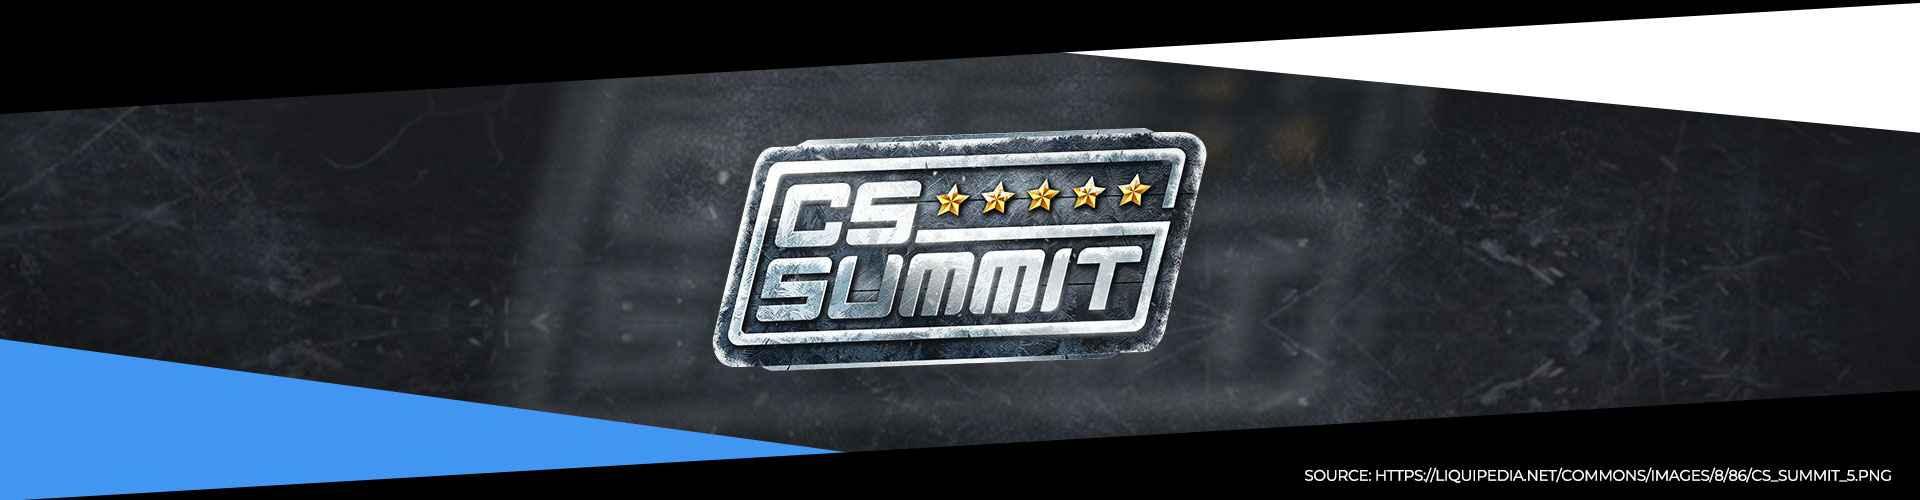 Eventsida för CS_Summit 5 som avgörs årligen i Los Angeles.